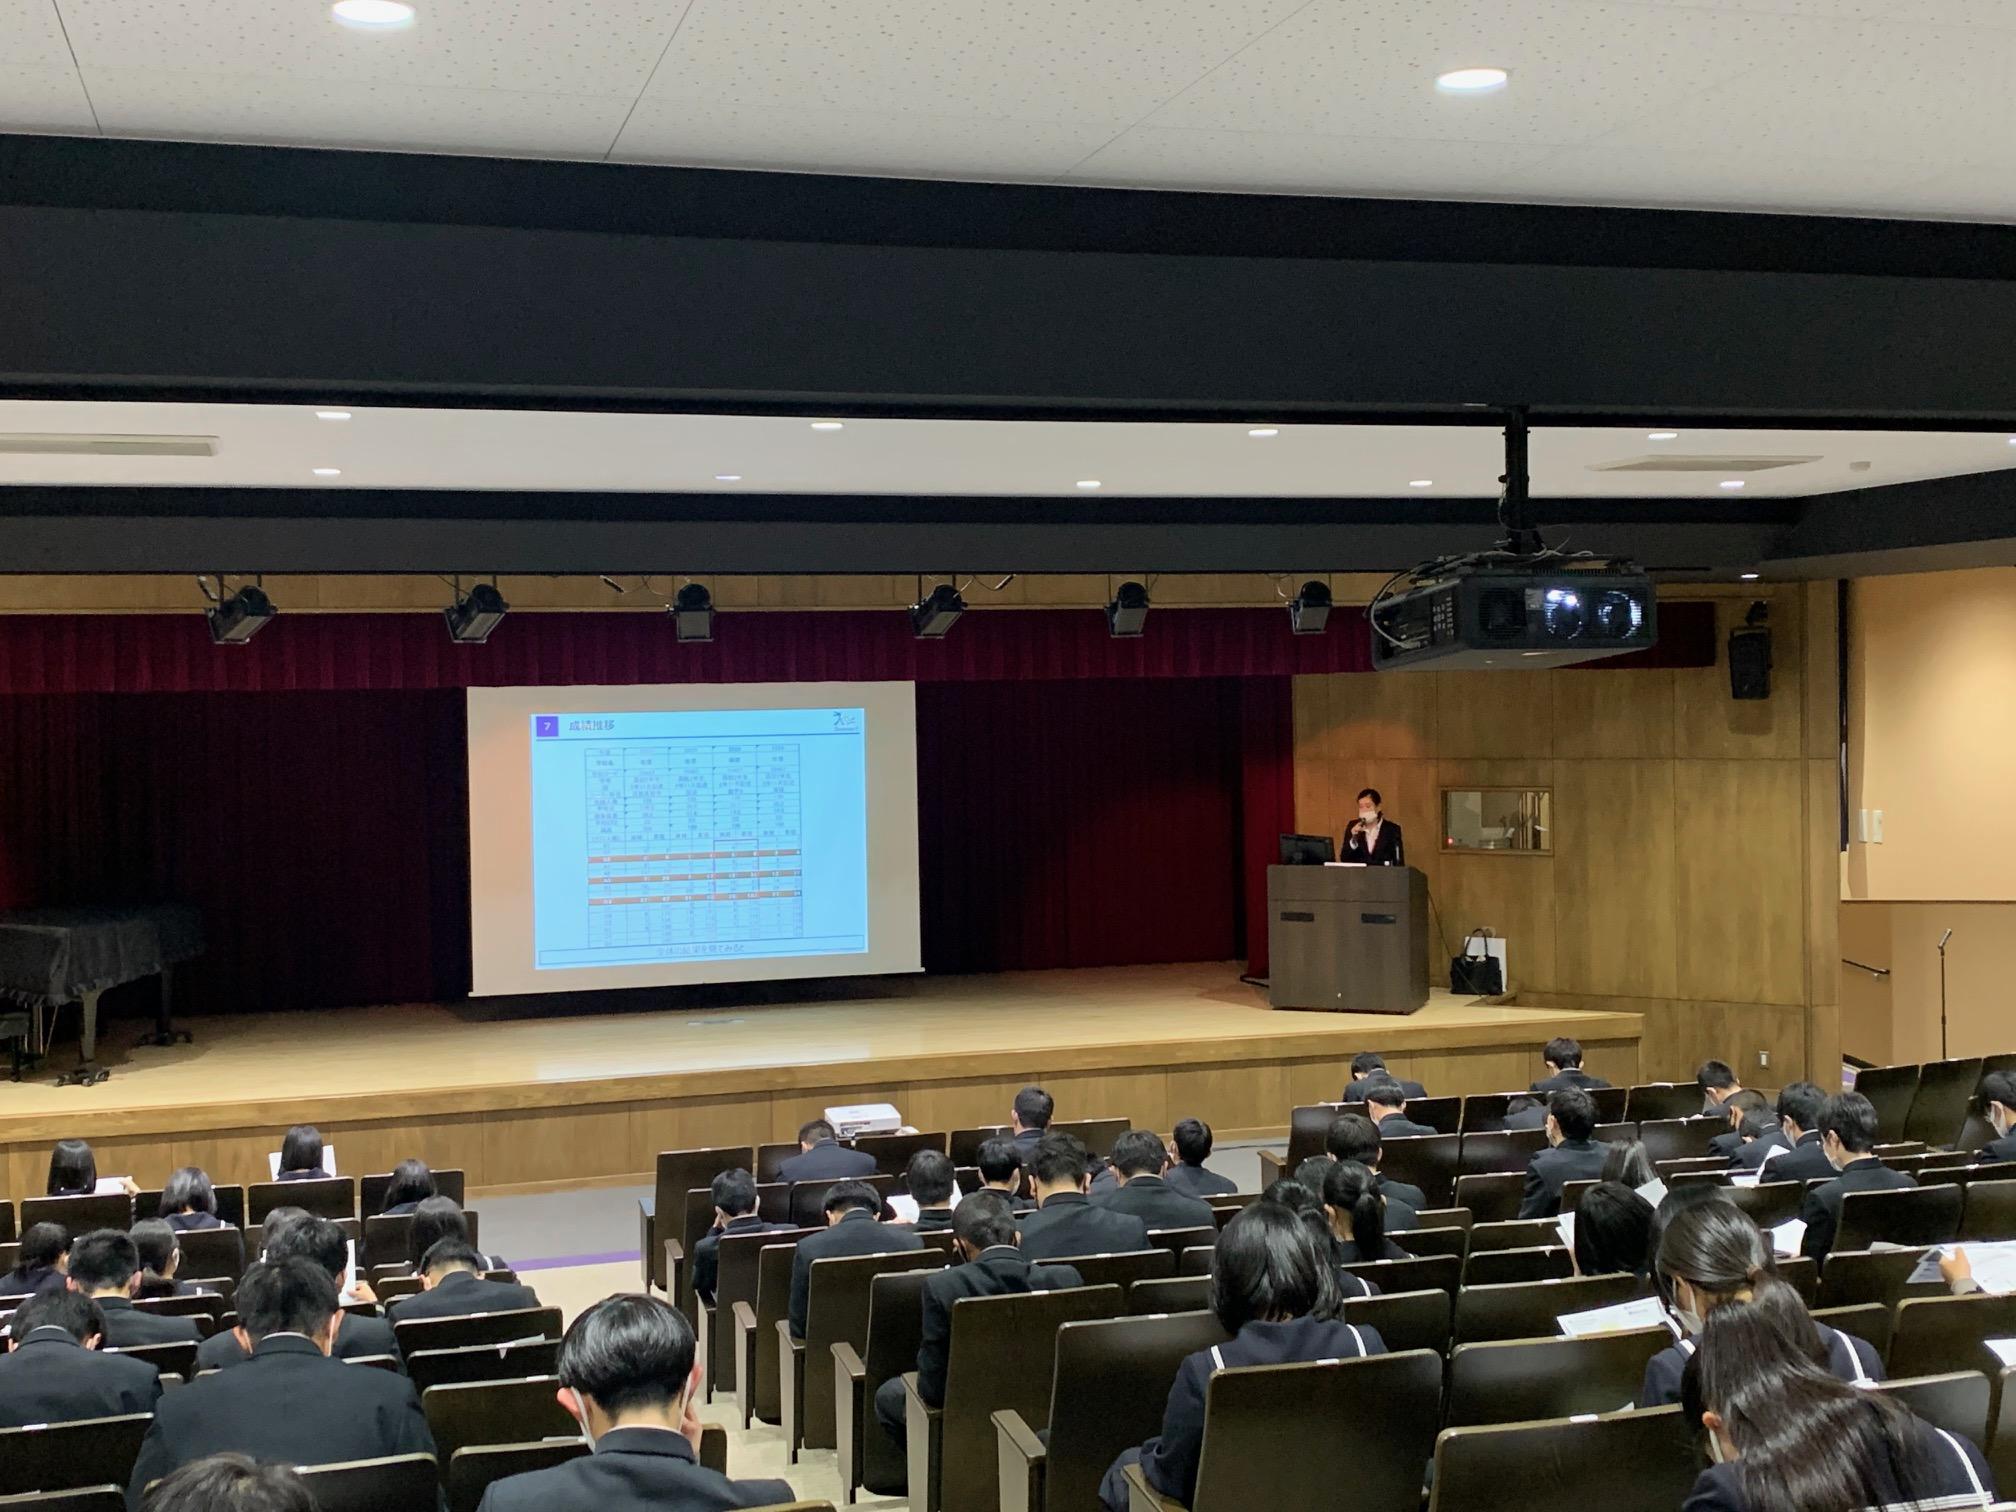 ベネッセによる模試報告・研修会が行われました。